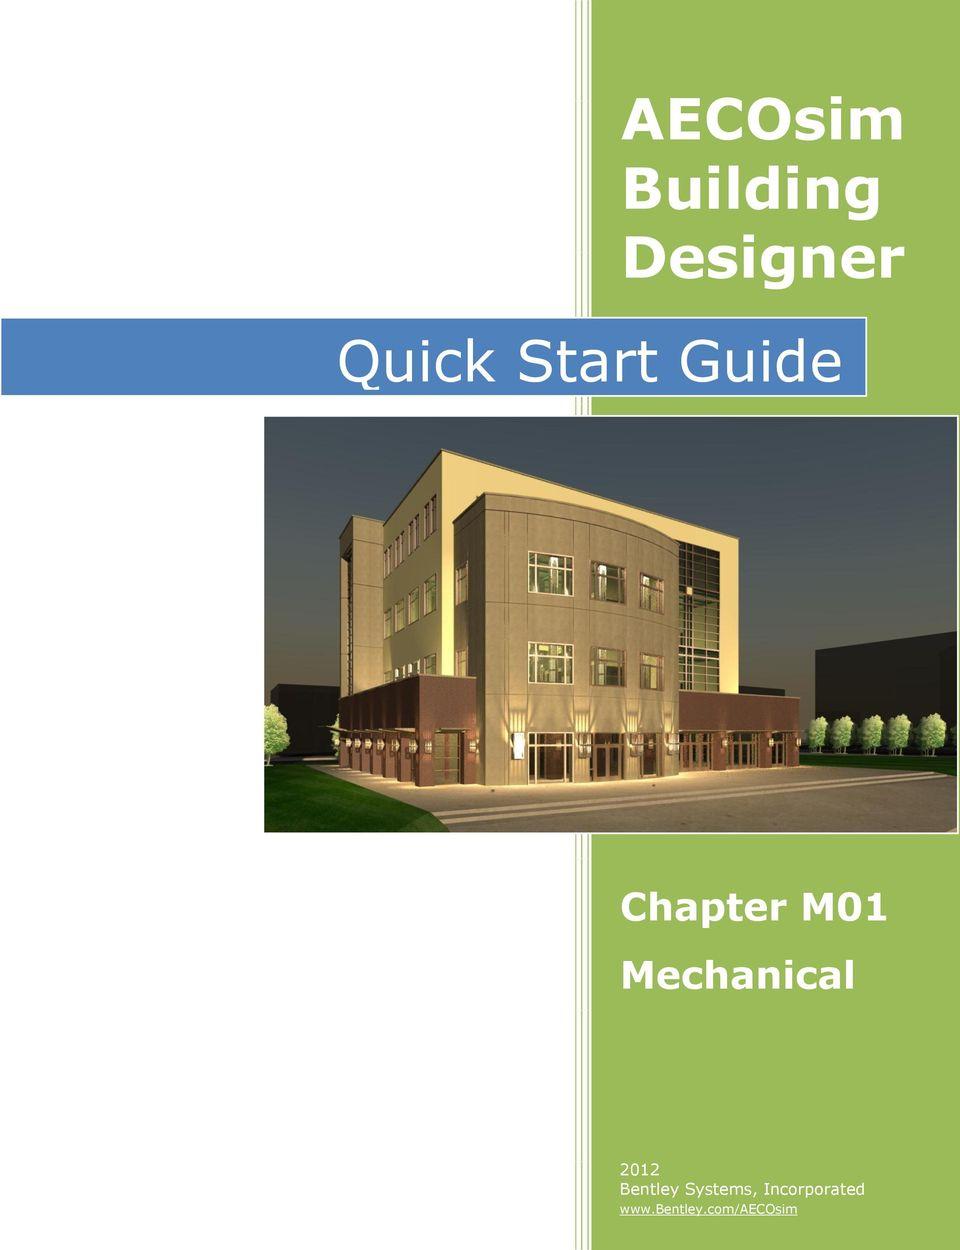 aecosim building designer quick start guide